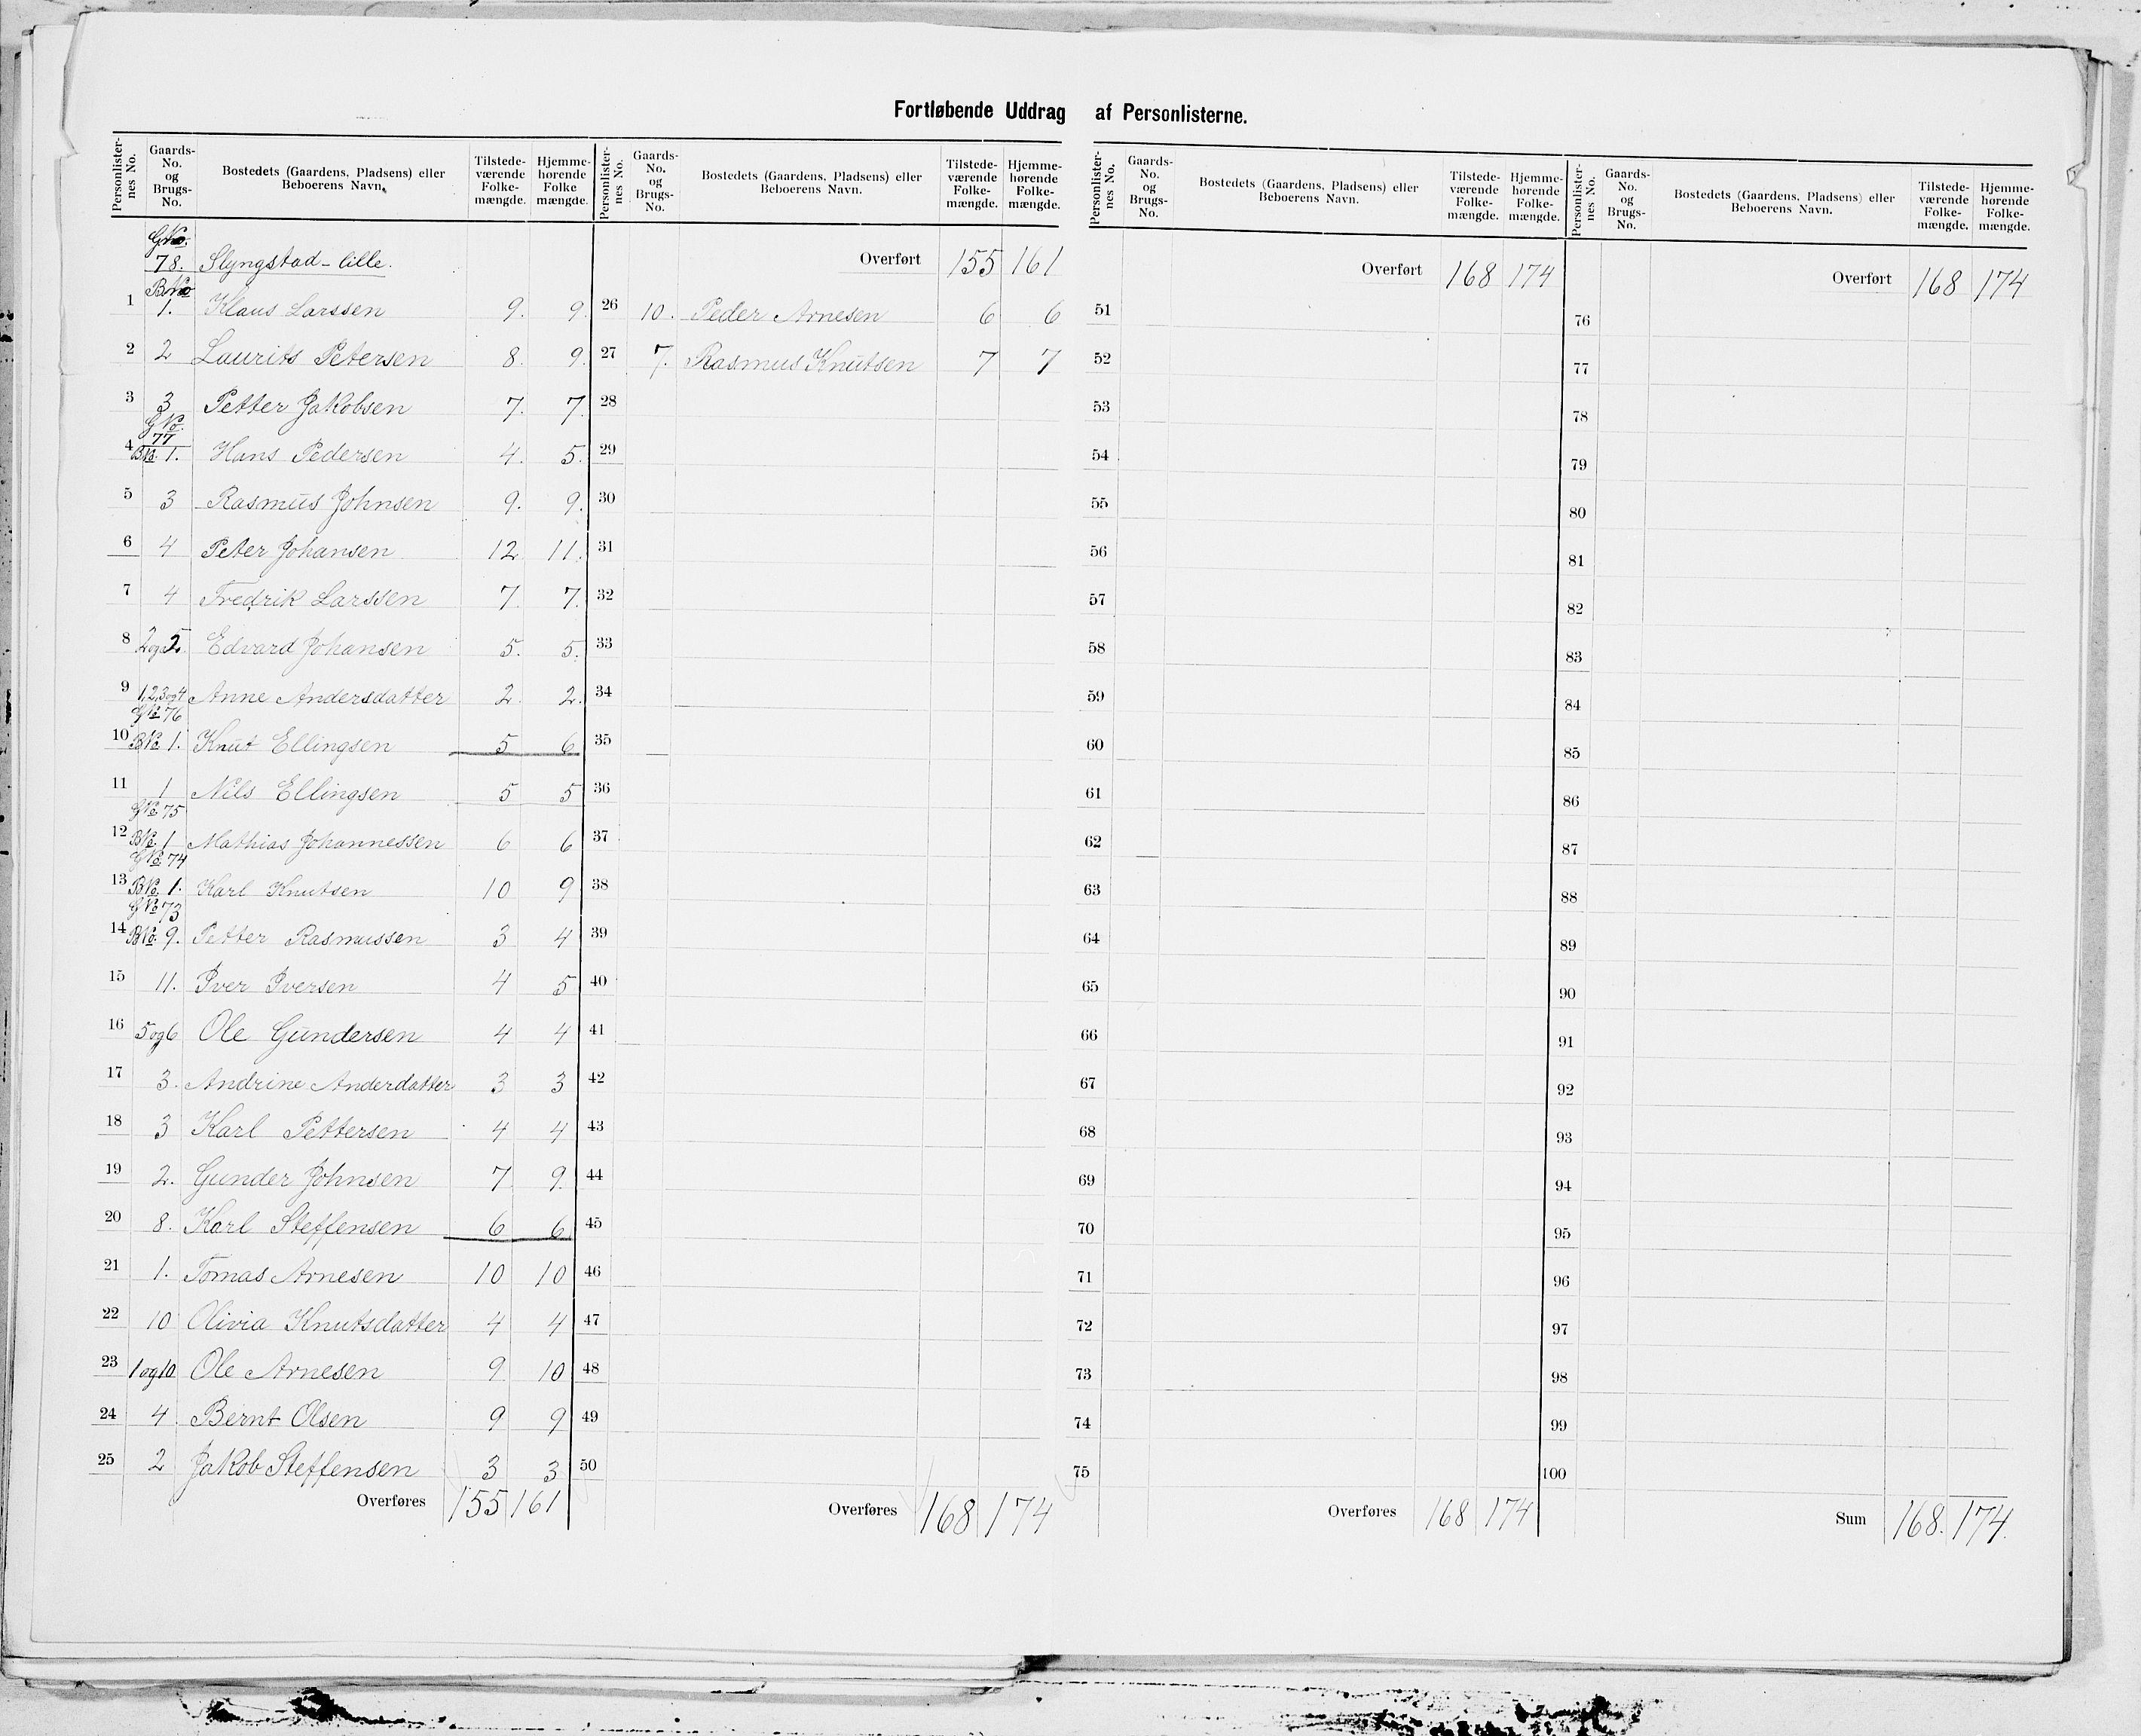 SAT, Folketelling 1900 for 1529 Skodje herred, 1900, s. 27